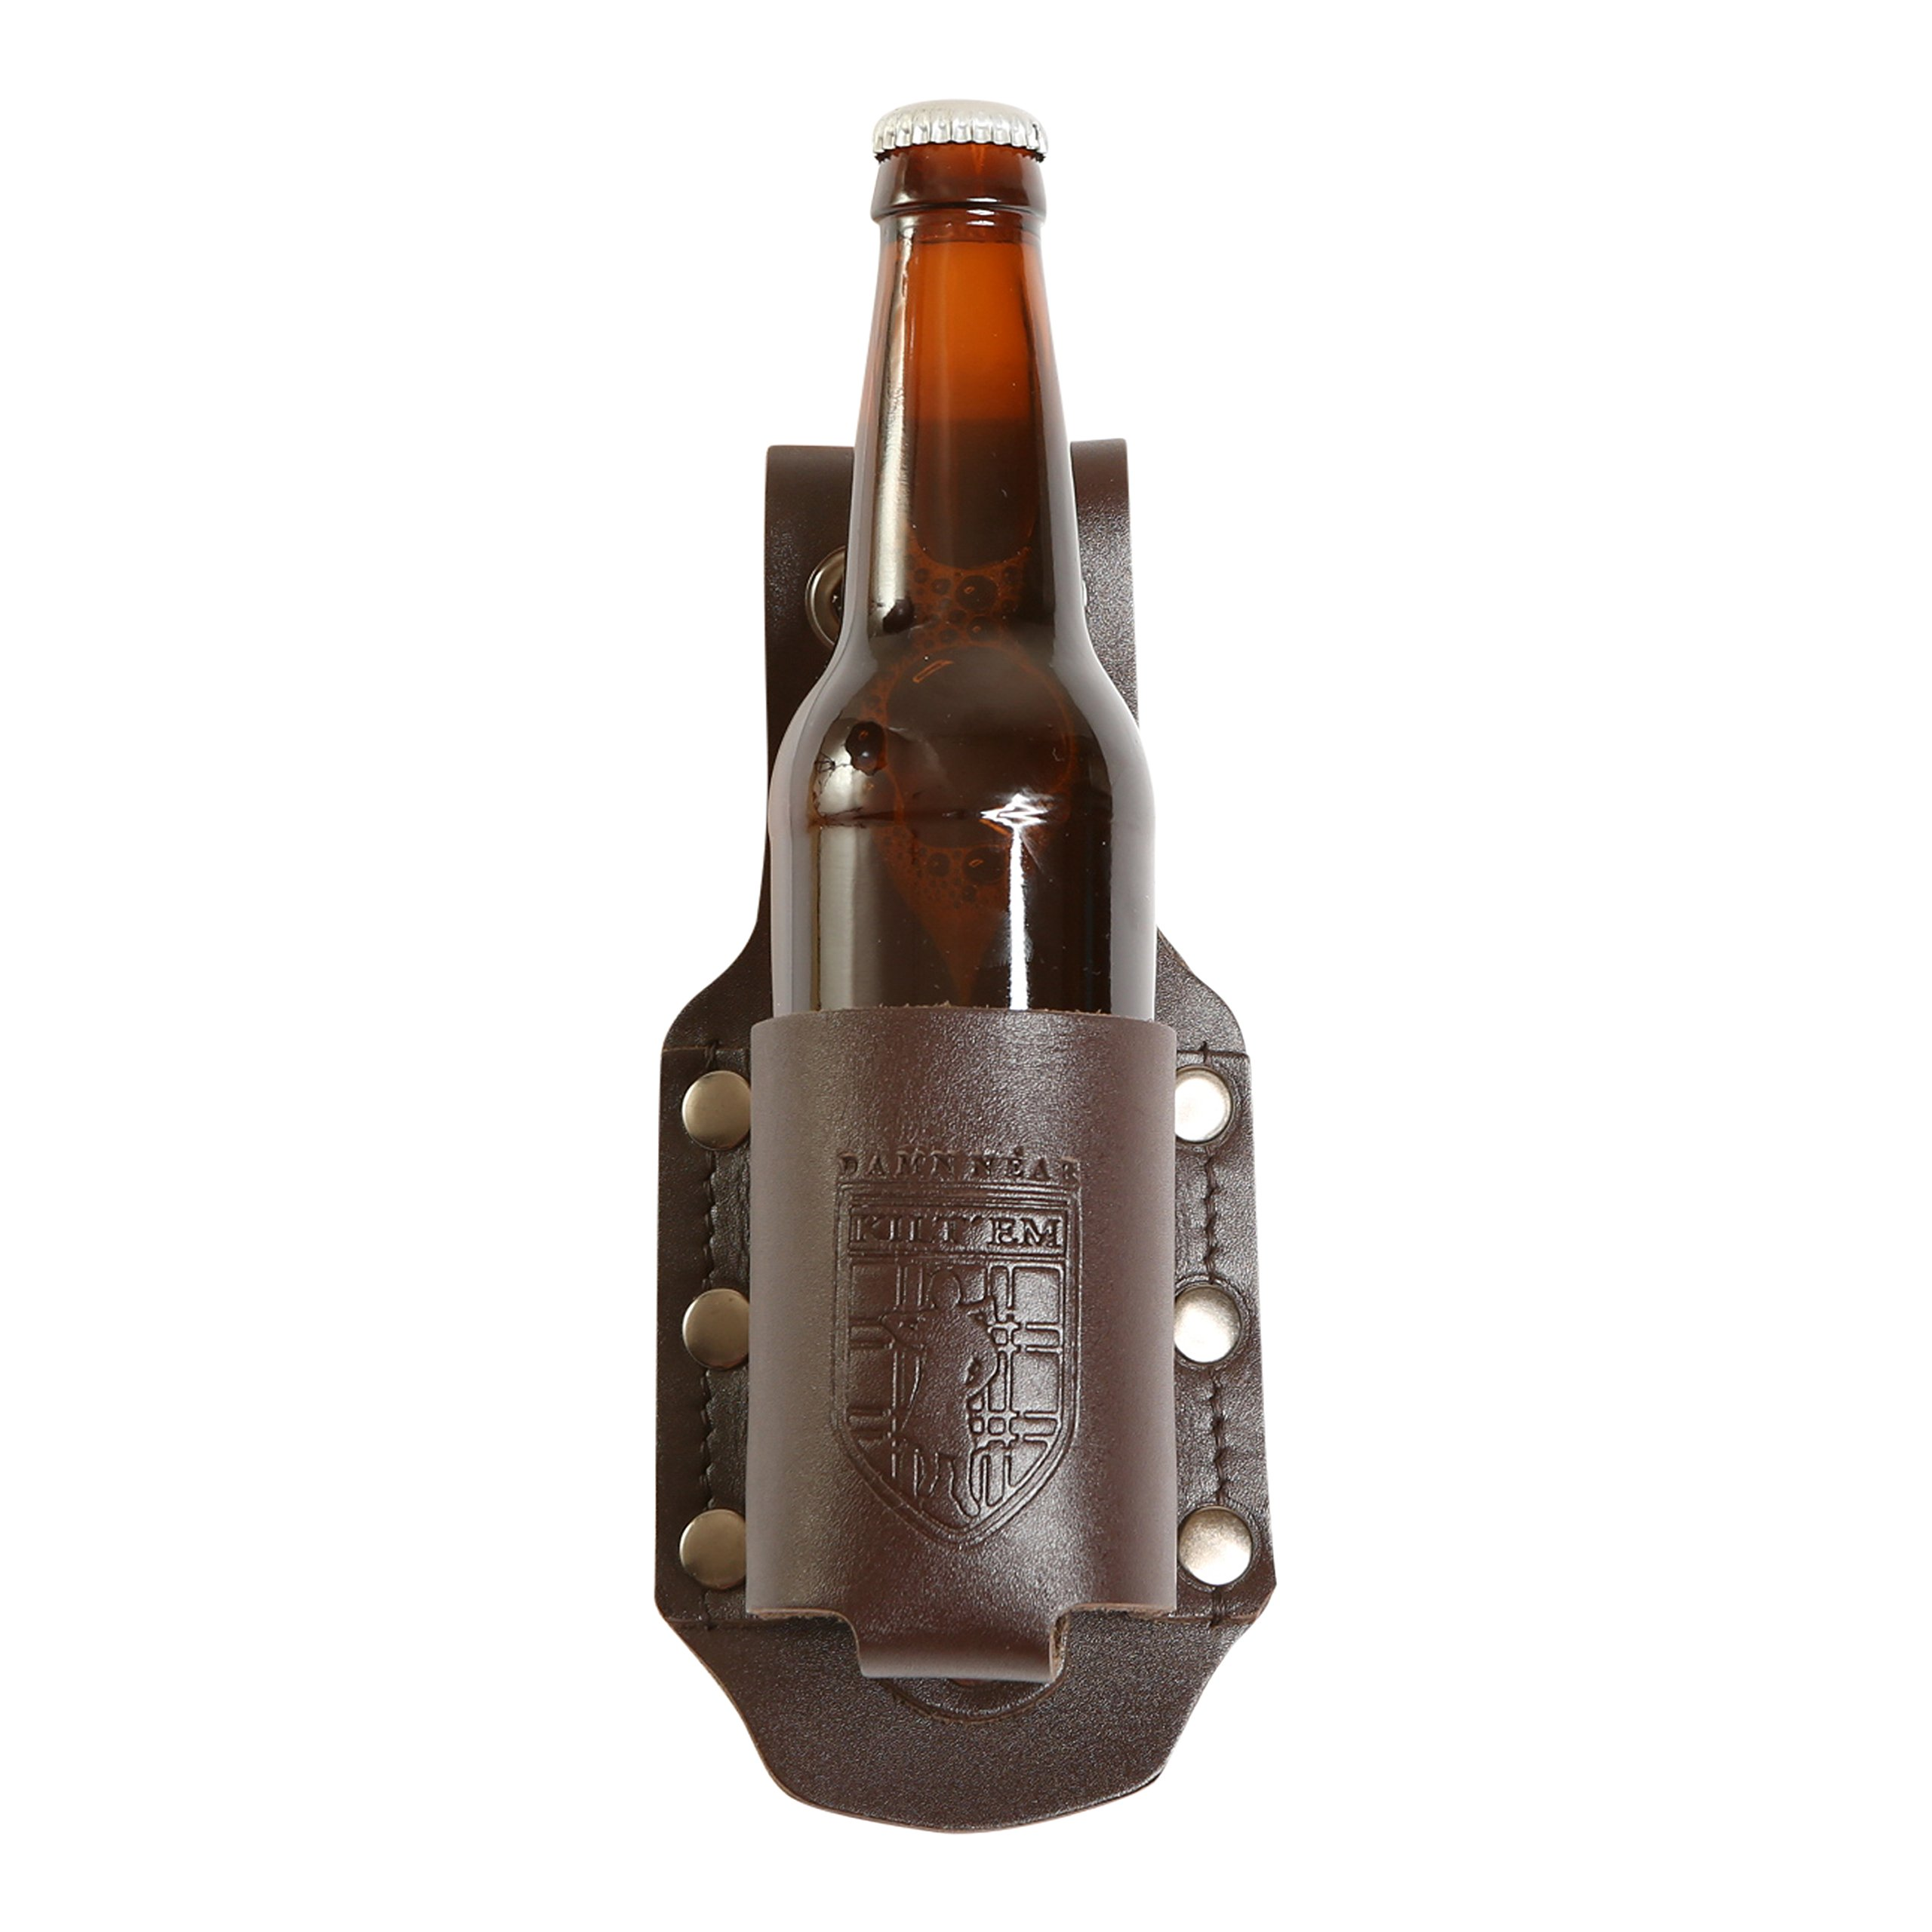 Damn Near Kilt 'Em Premium Brown Leather Bottle Holder Kilt Accessory